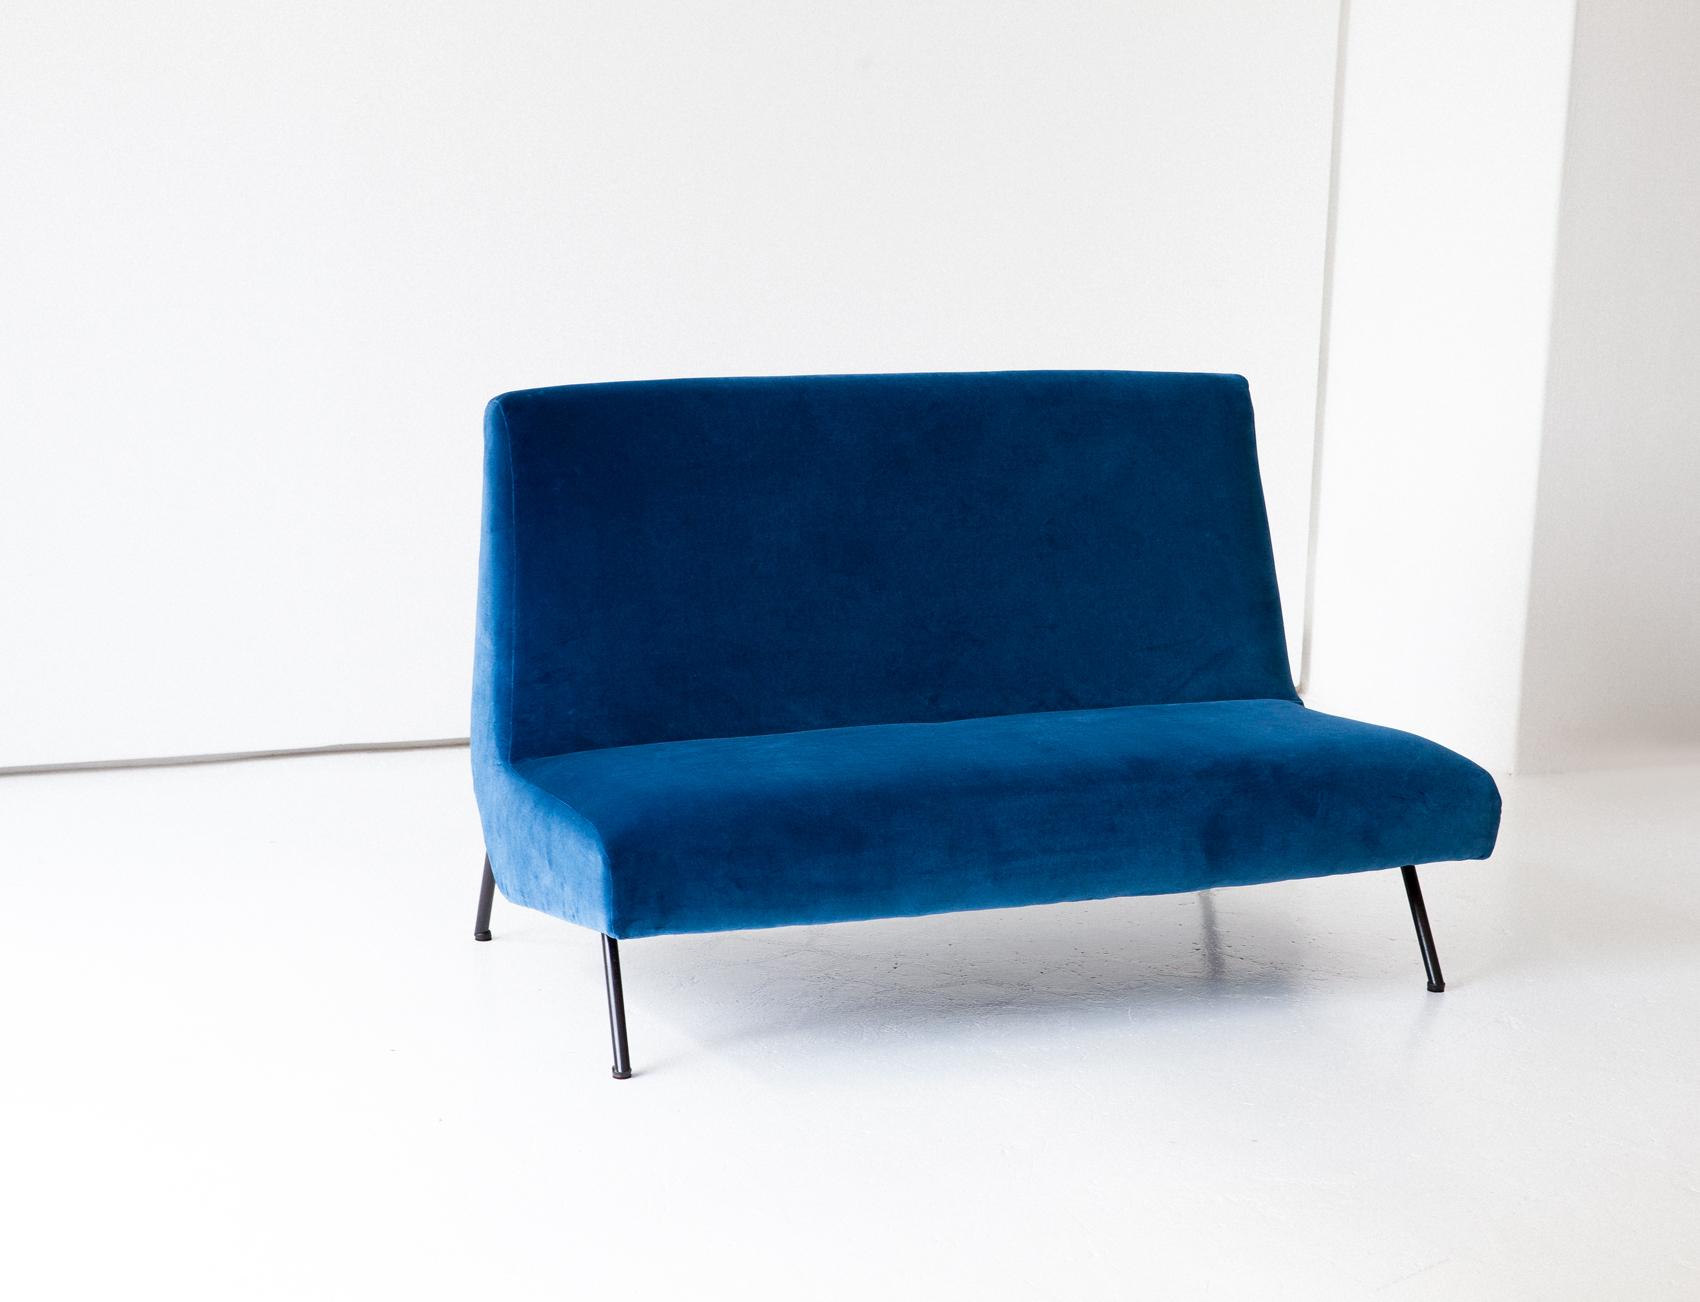 seating-270.6